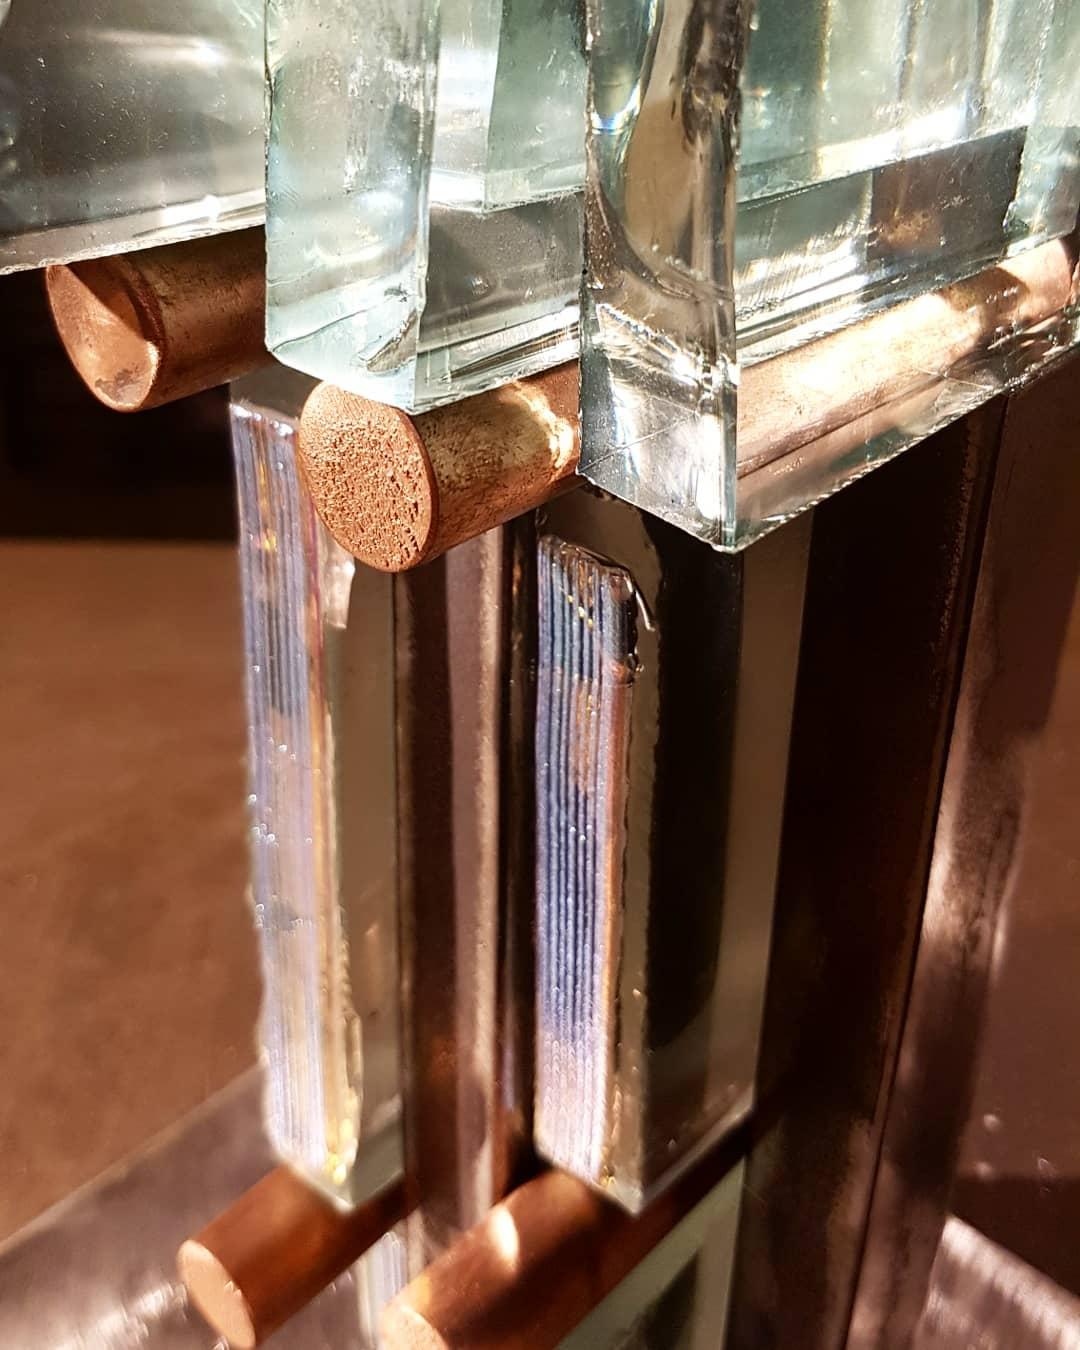 Sculpture métal et verre acier et verre paul estier artiste 2018 lausanne genève neuchatel yverdon (25)